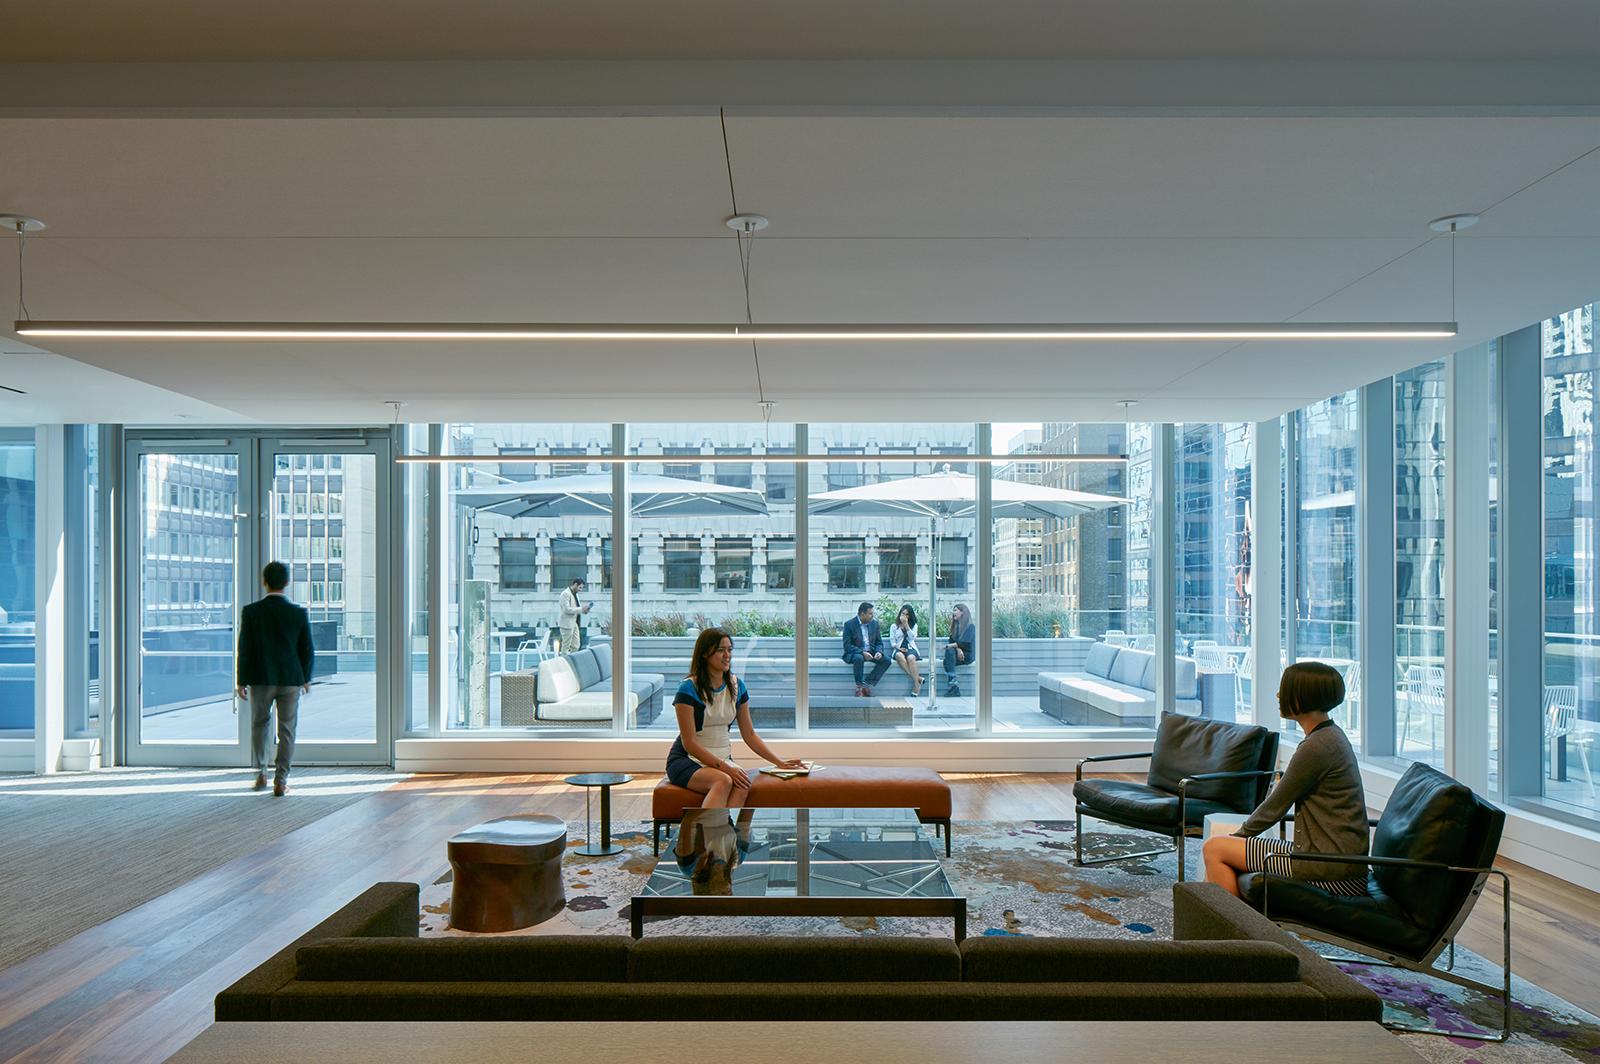 a tour of deloitte u2019s new sleek toronto office